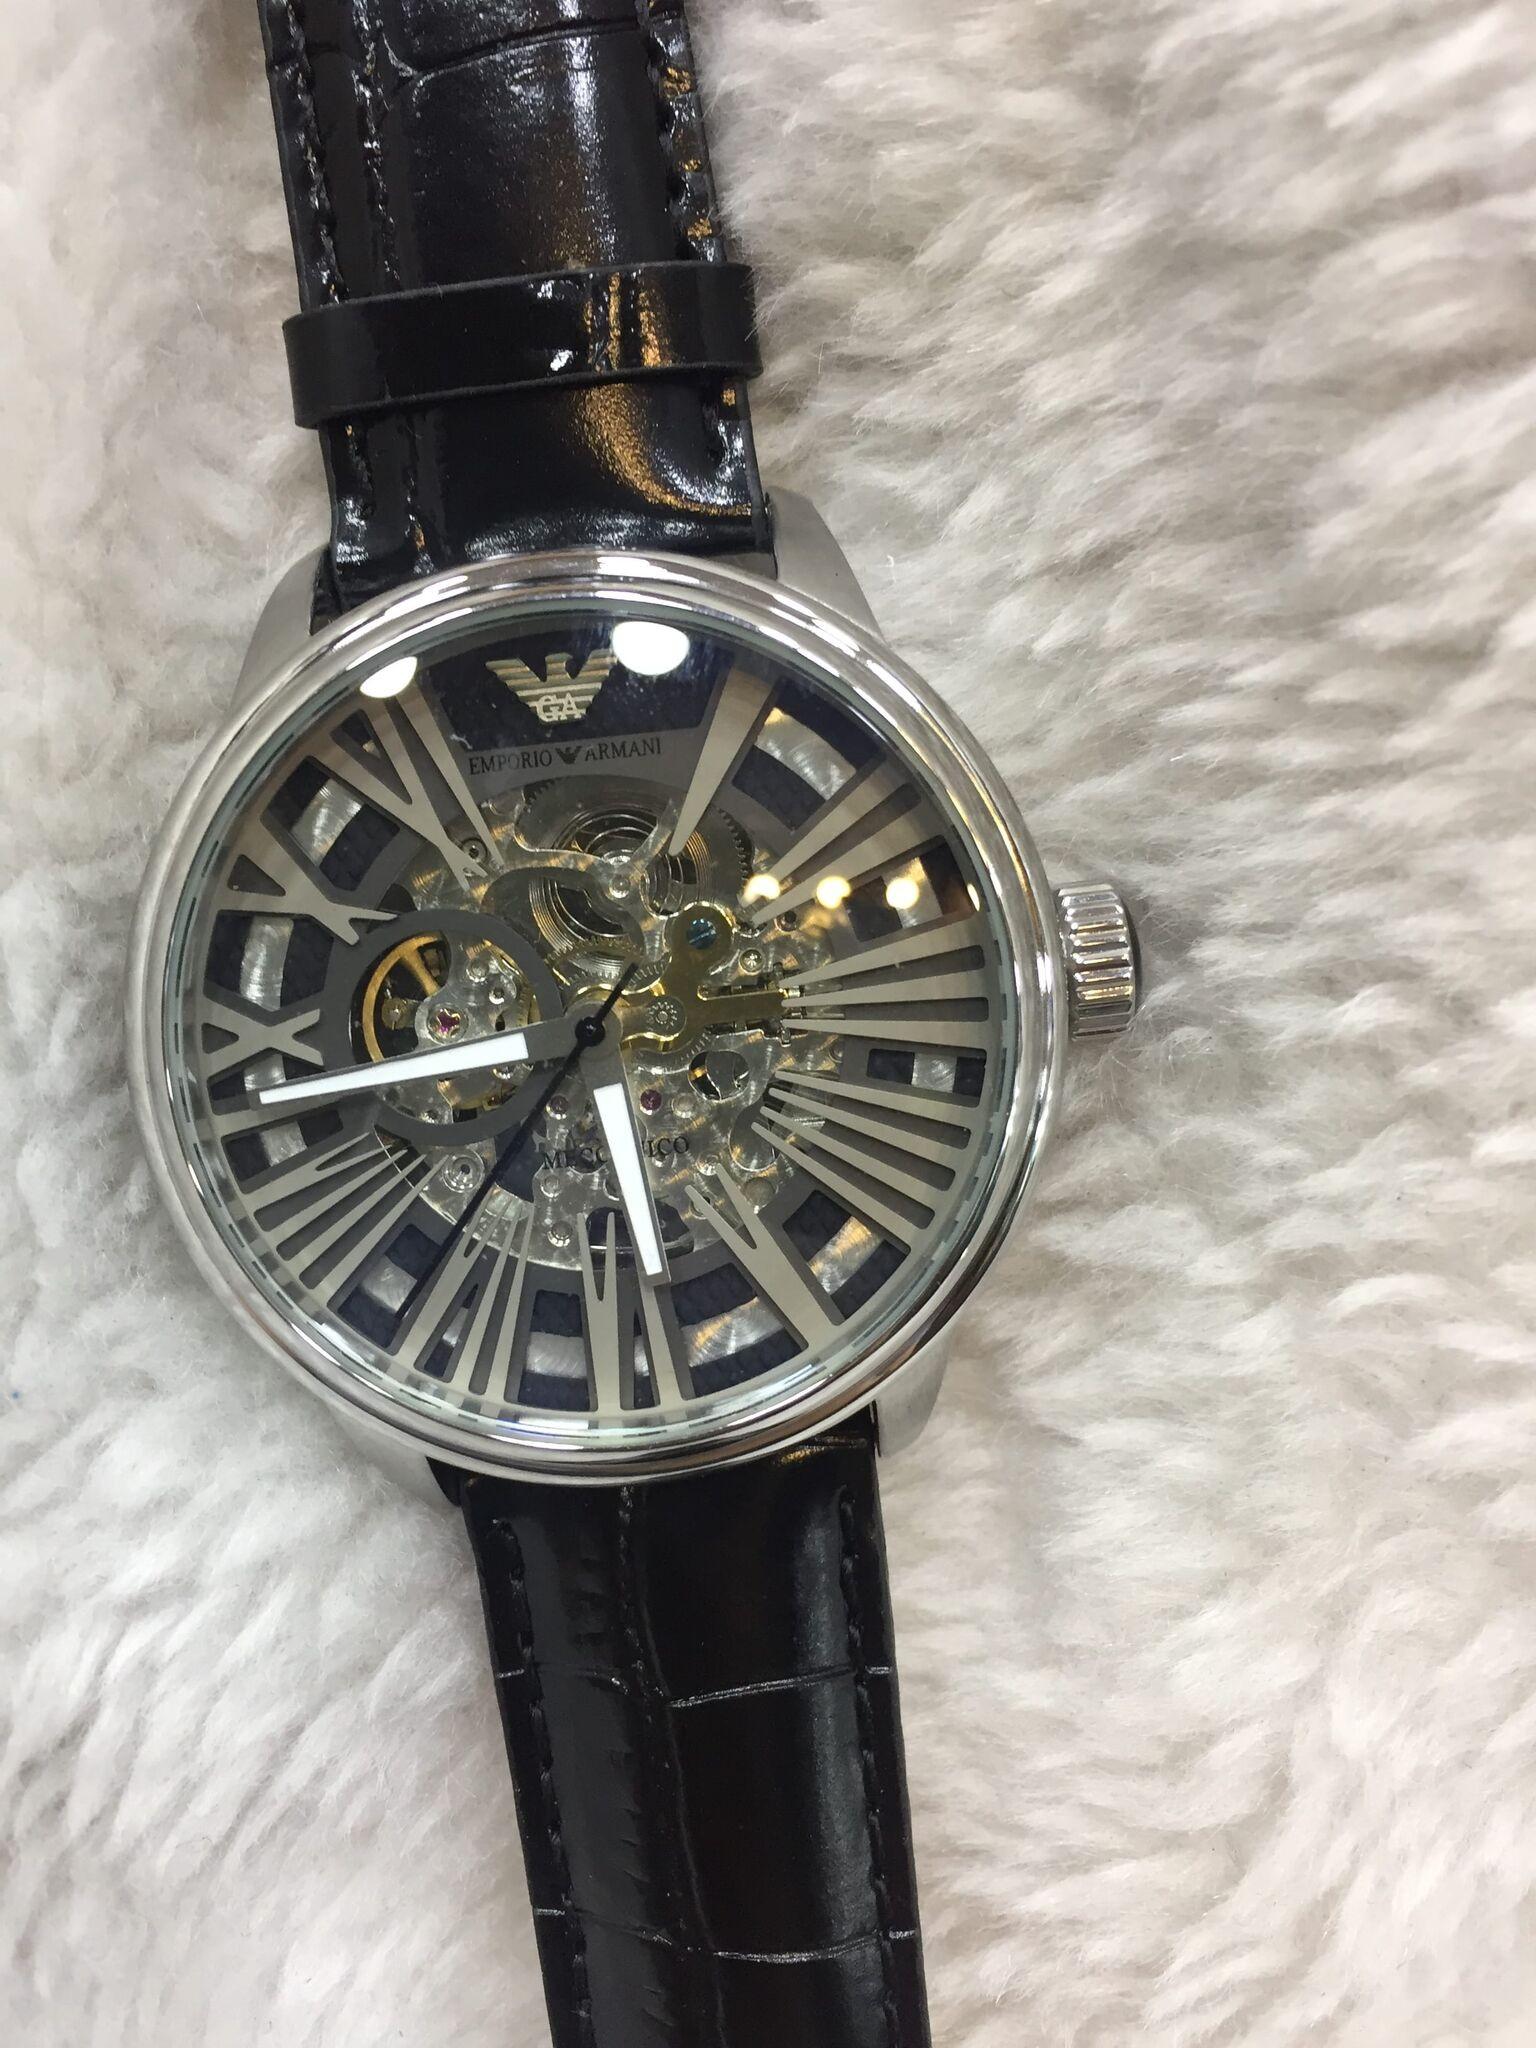 c82736b1071 Réplicas de relógios Empório Armani qualidade AAA em até 12X ...